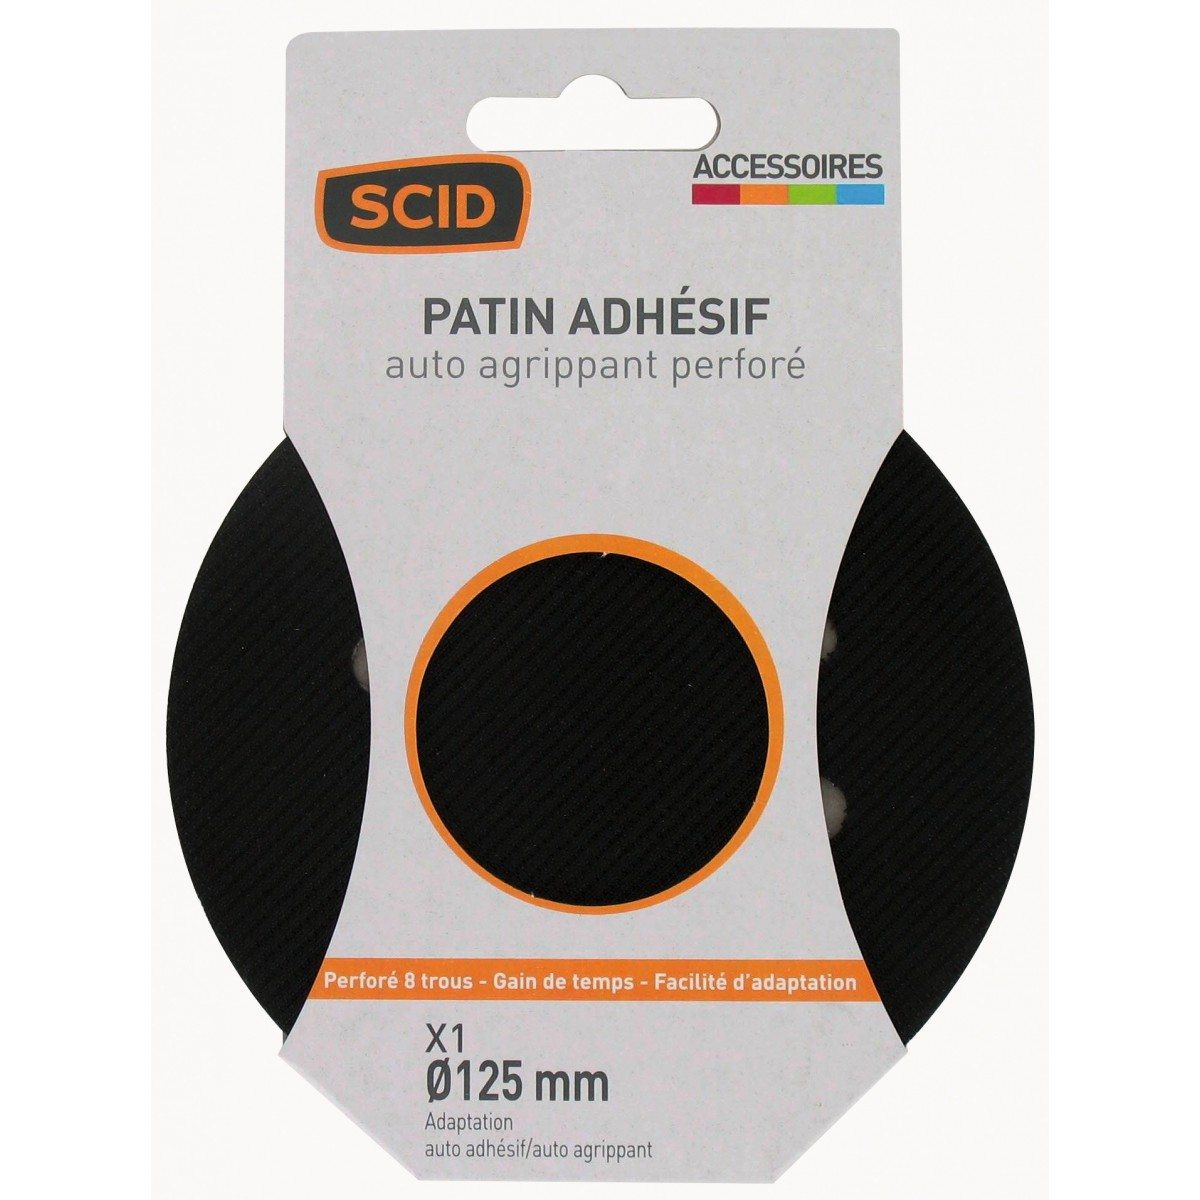 Patin auto-agrippant / adhésif SCID - 8 trous - Diamètre 125 mm